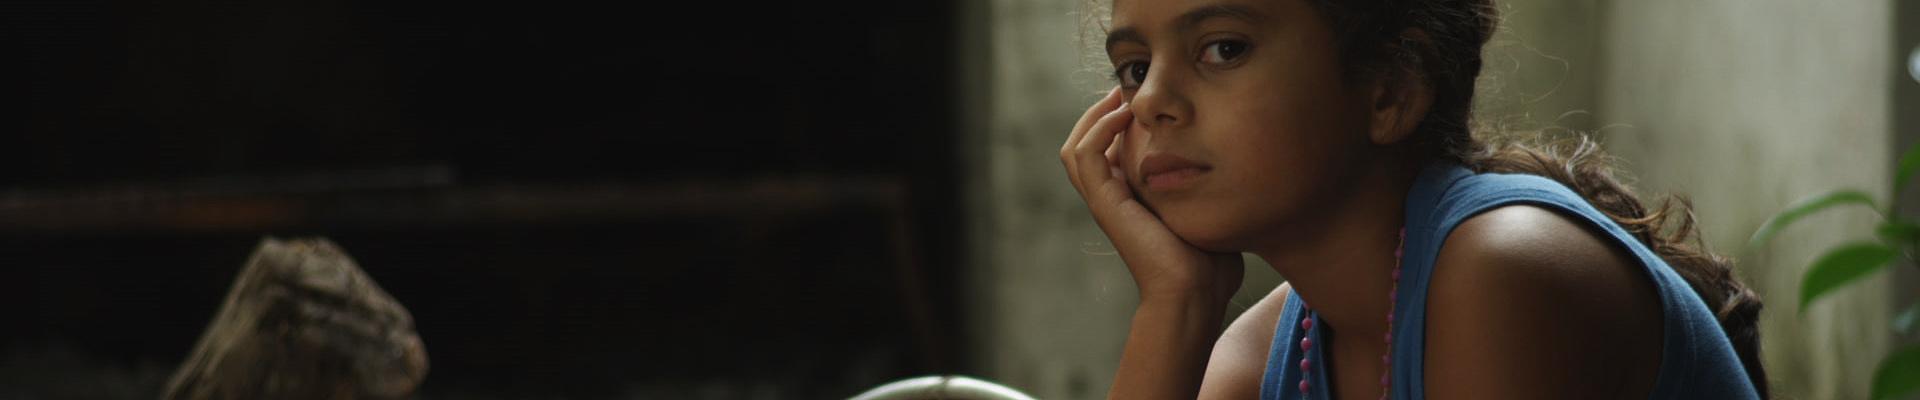 Rosaria Producciones. Contenido de cine y televisión con perspectiva de género.